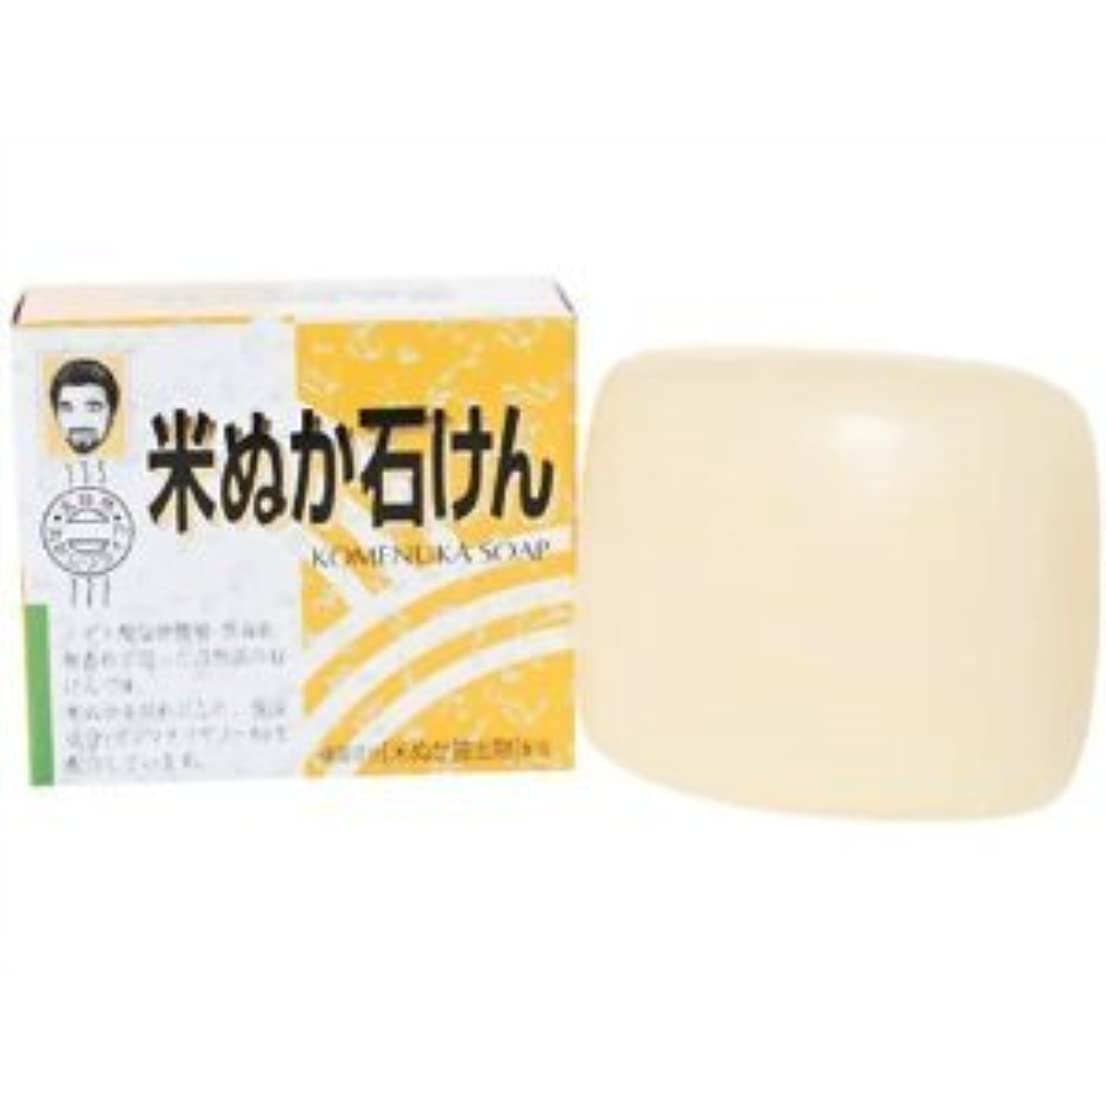 イースター申し込むアークお得な6個セット!! 健康フーズ 米ぬか石鹸80gx6個